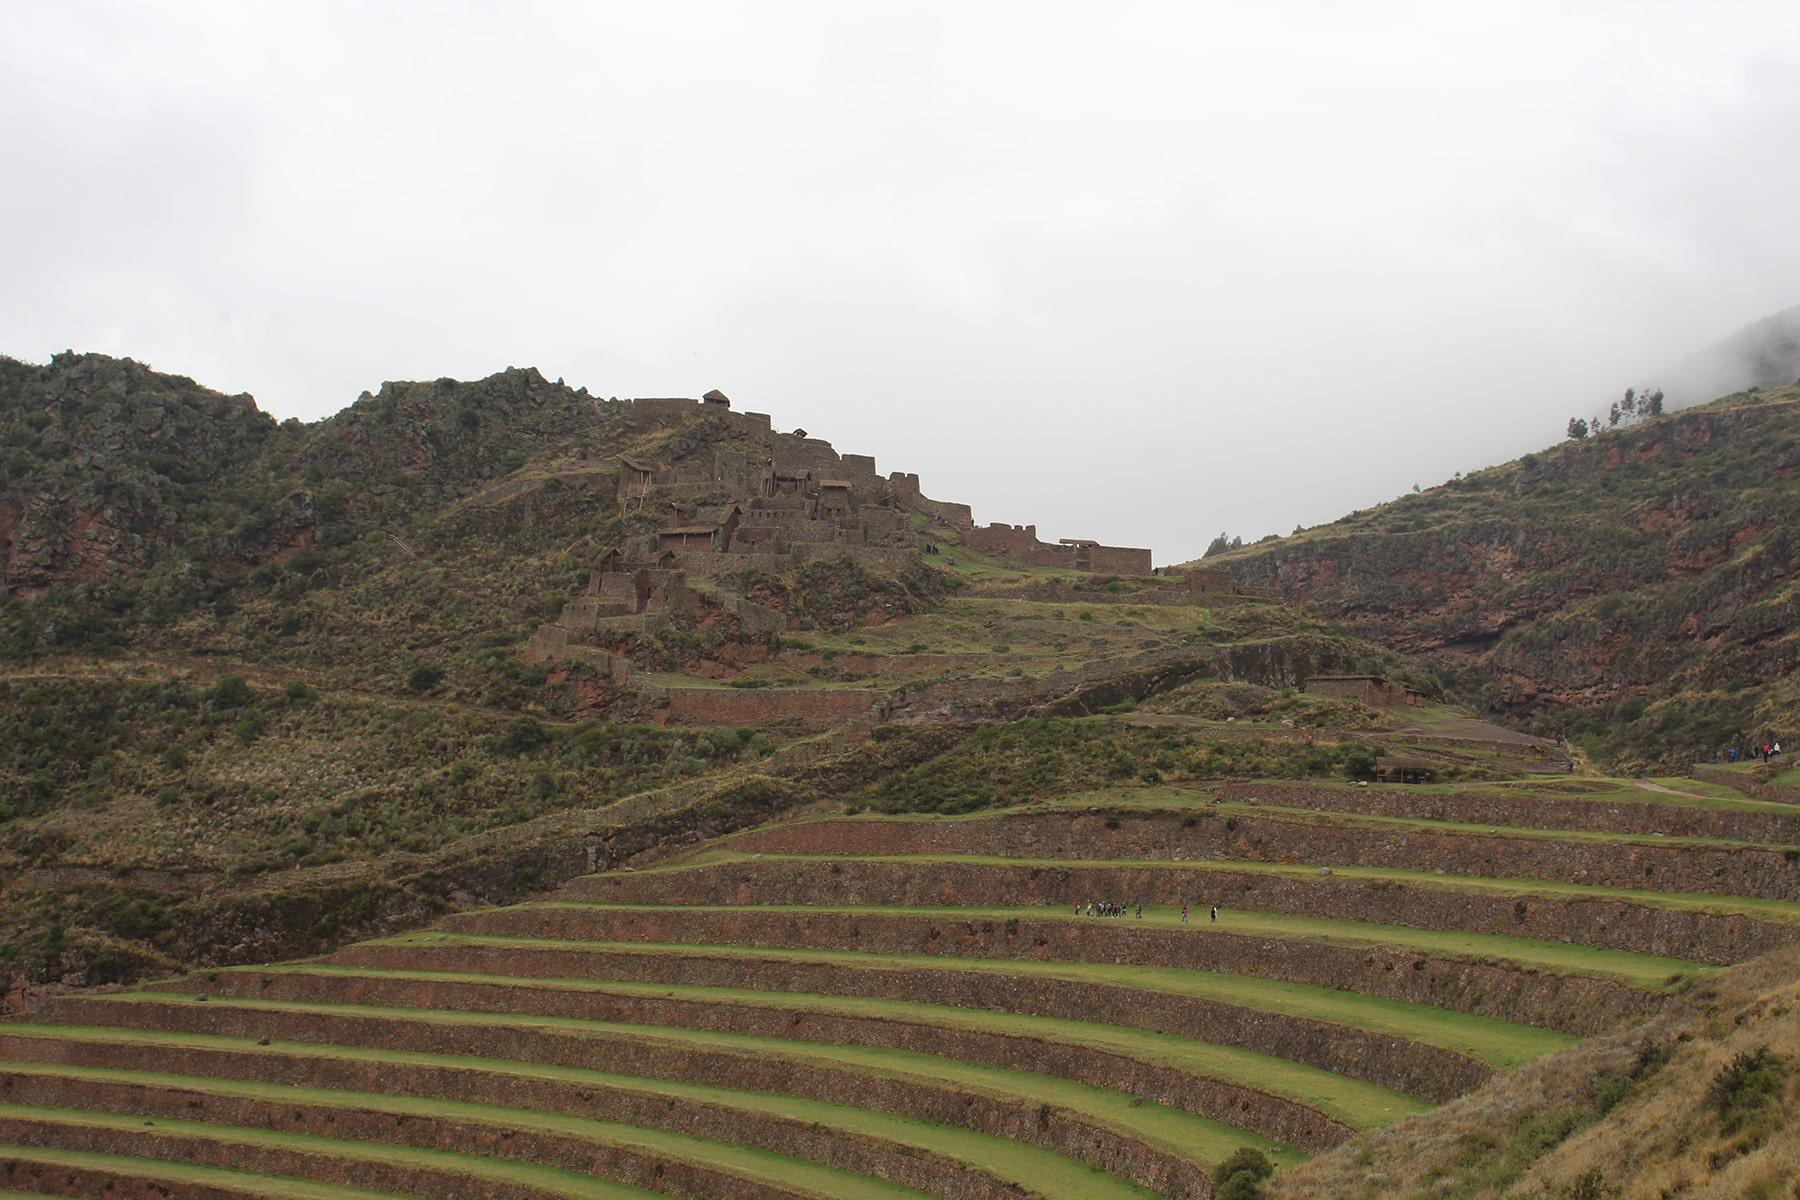 Le site archéologique de Pisac